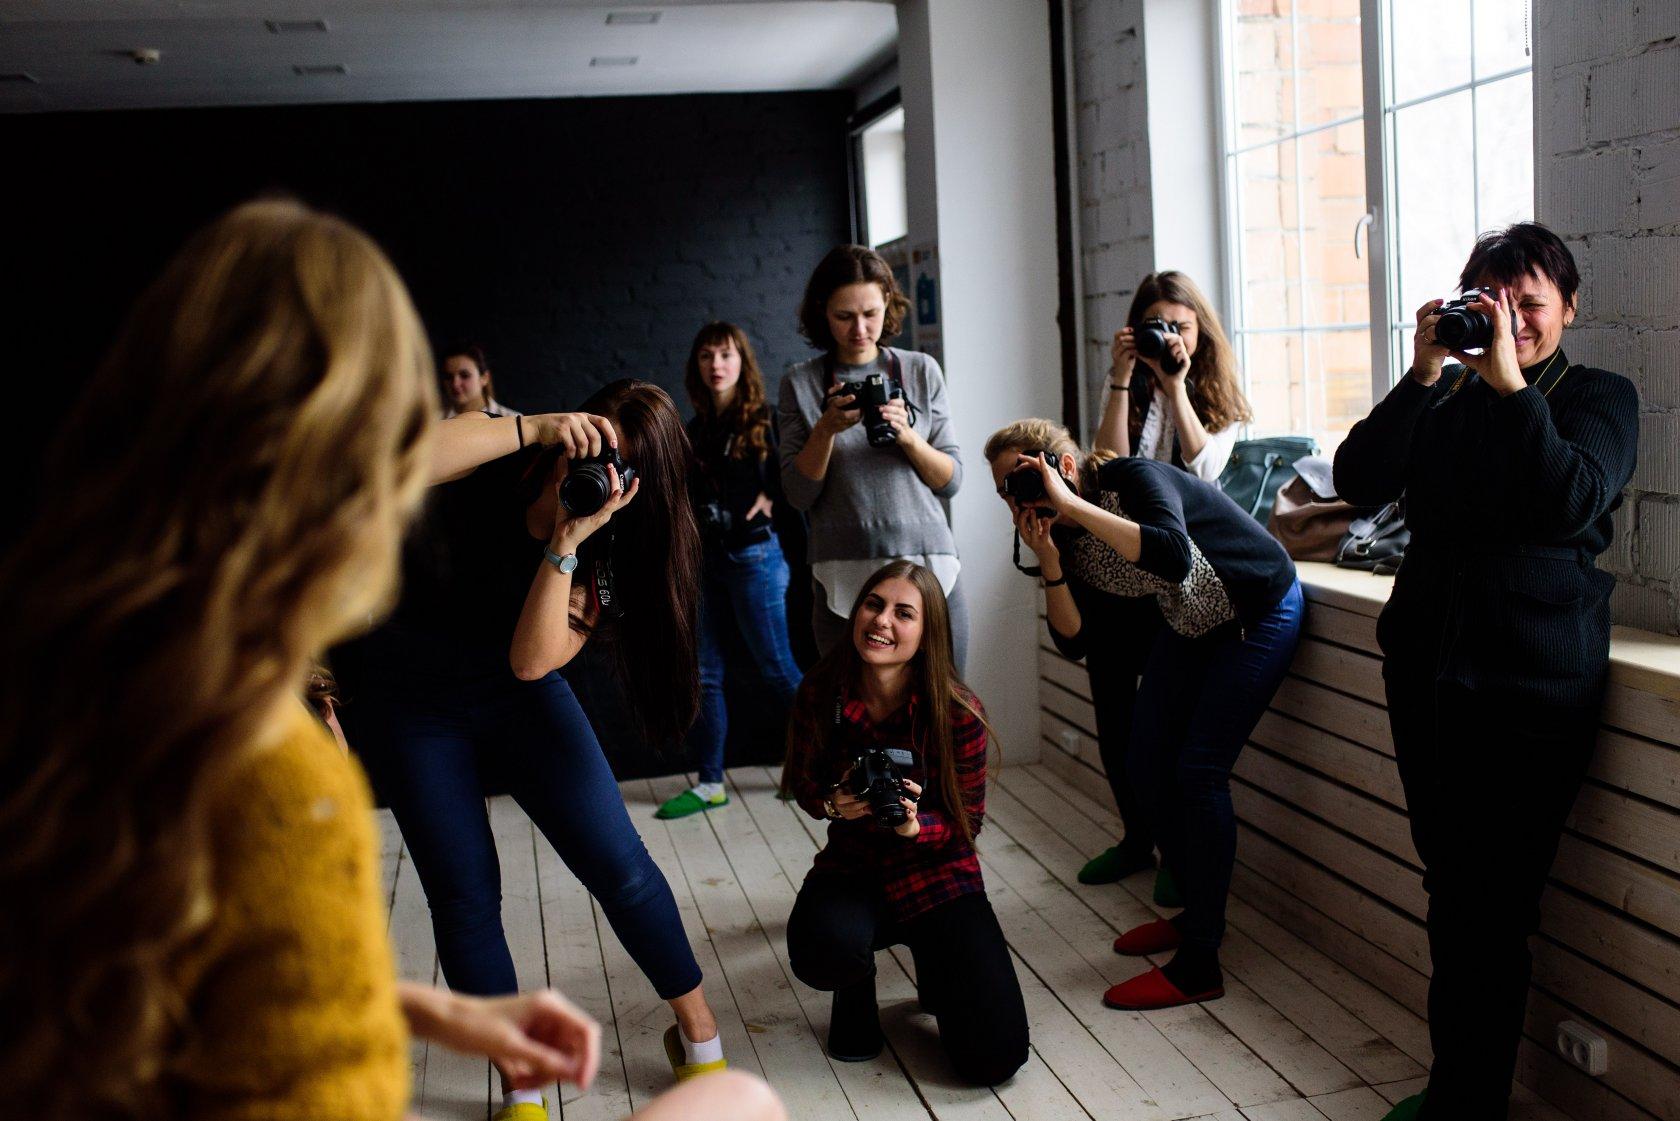 лучшие курсы фотографии в москве при институте таких случаях